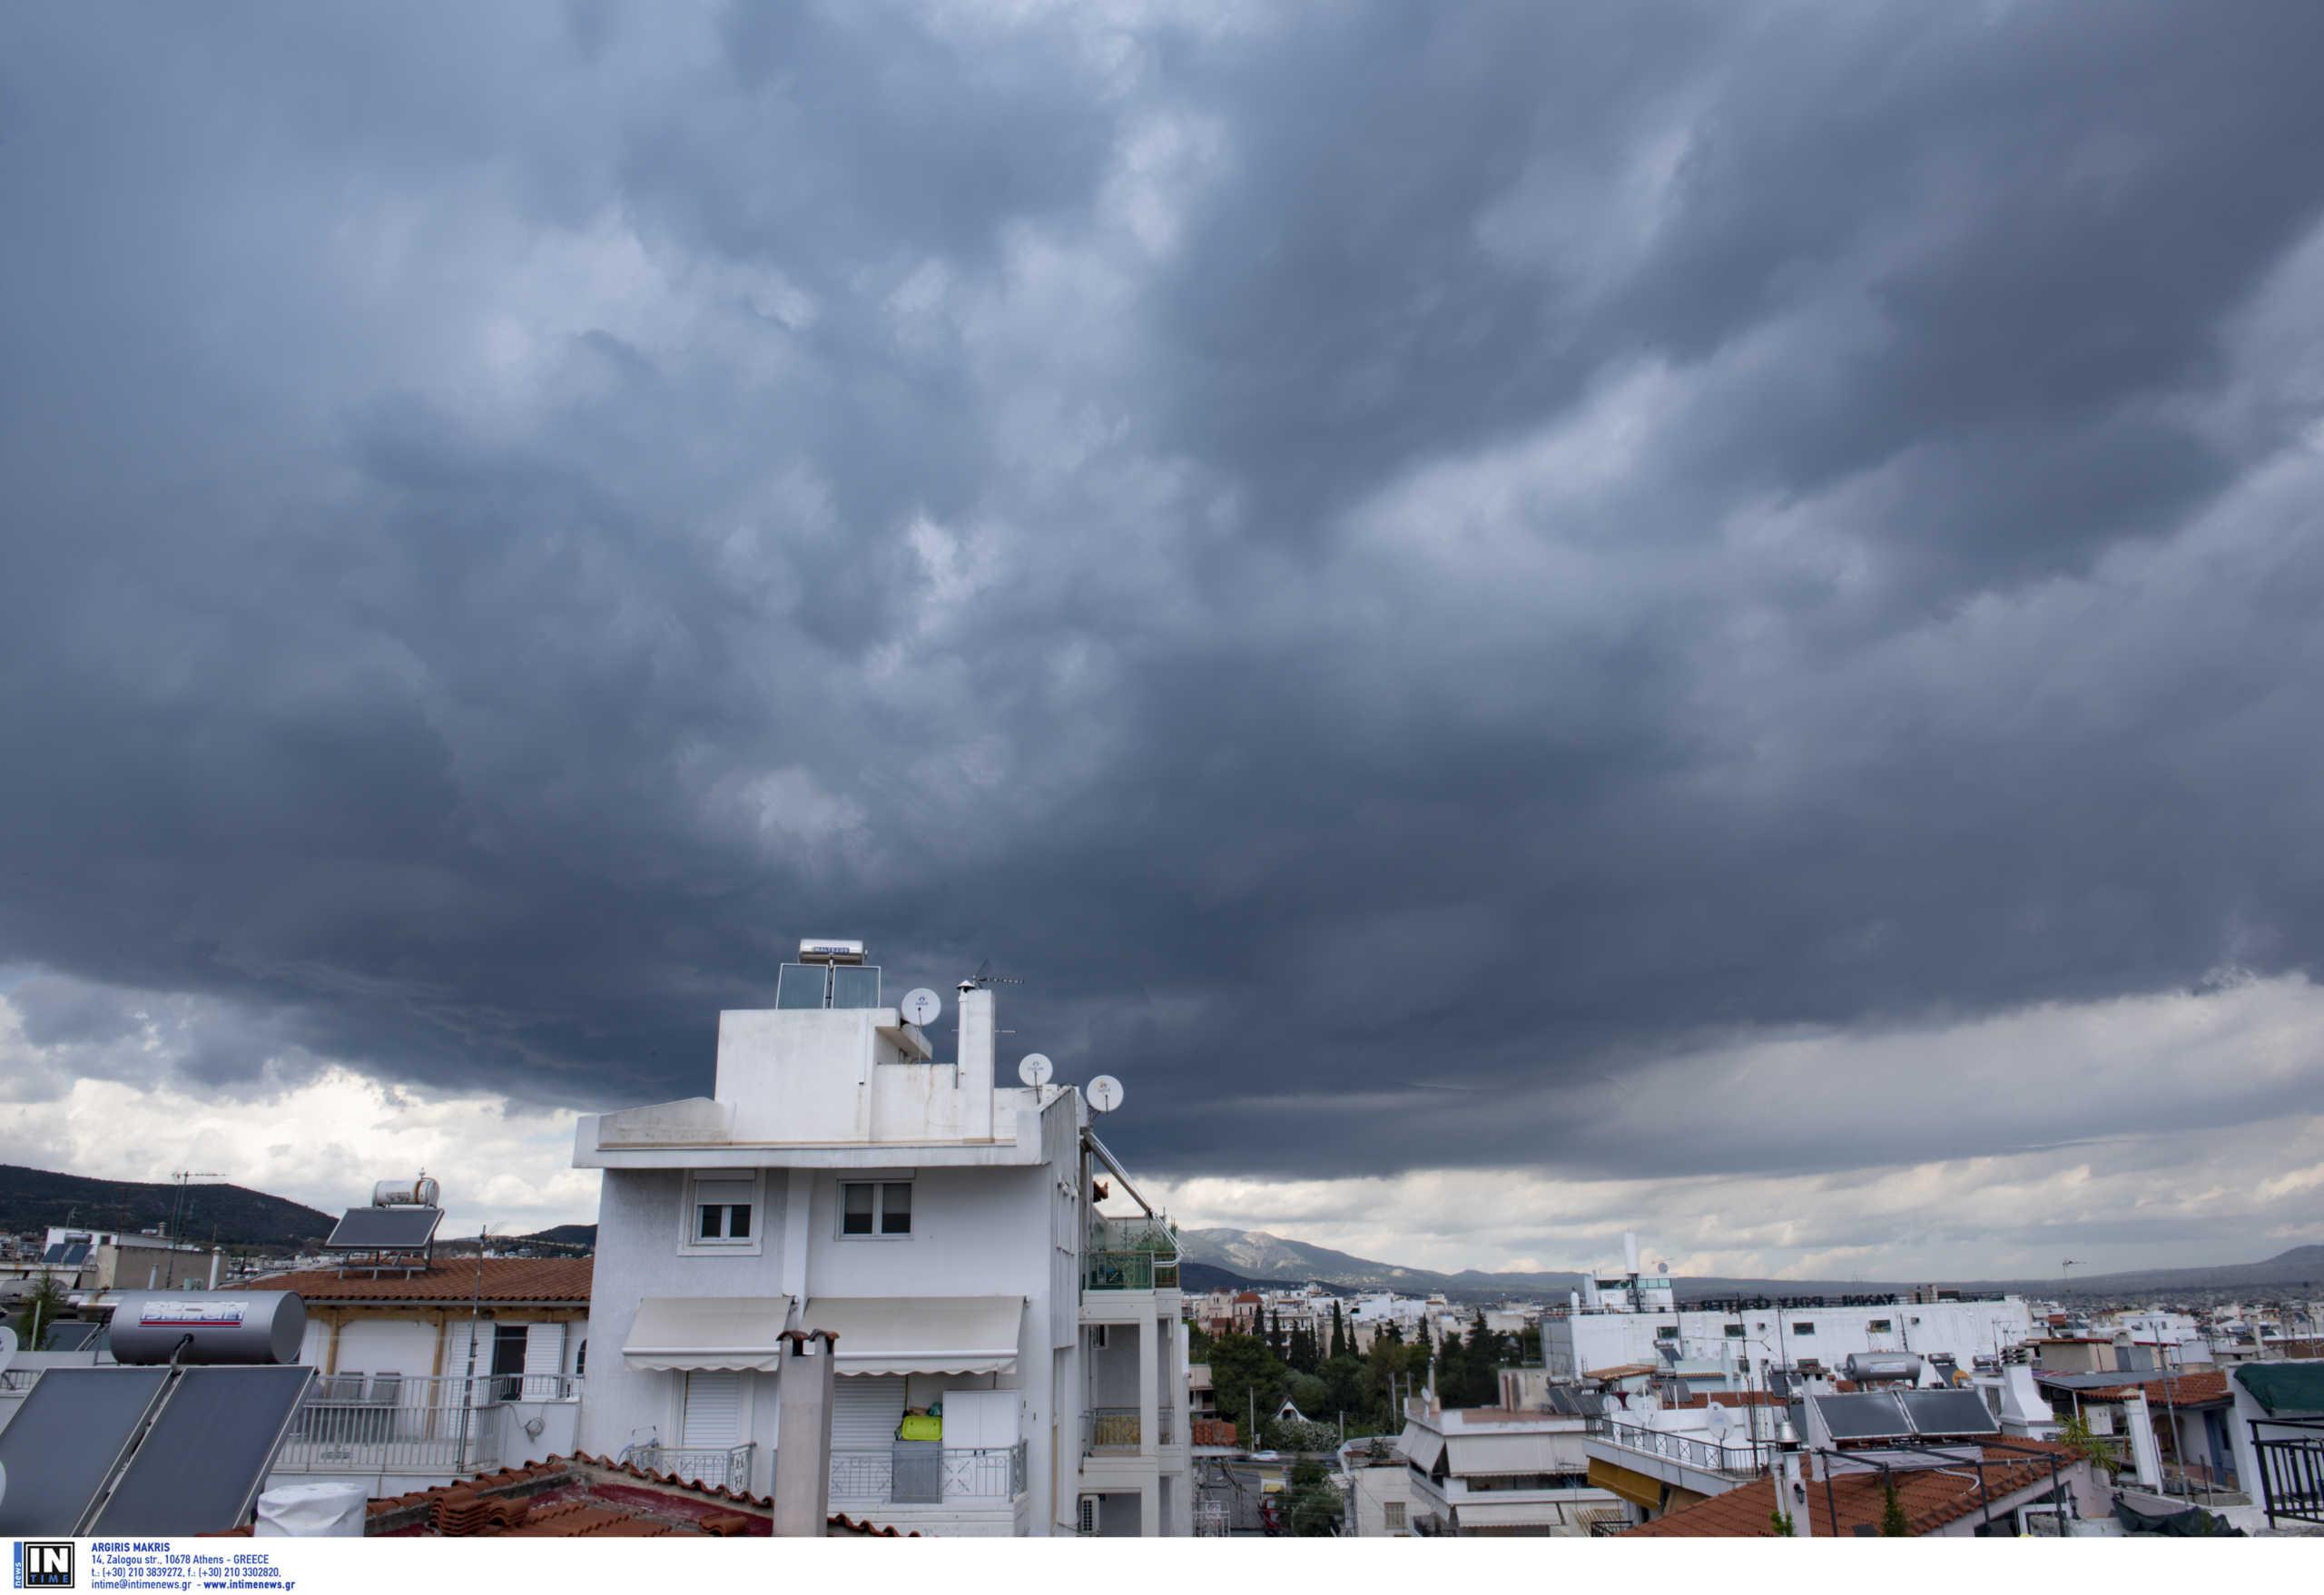 Καιρός αύριο: Κυριακή με βροχές και καταιγίδες – Μικρή πτώση της θερμοκρασίας